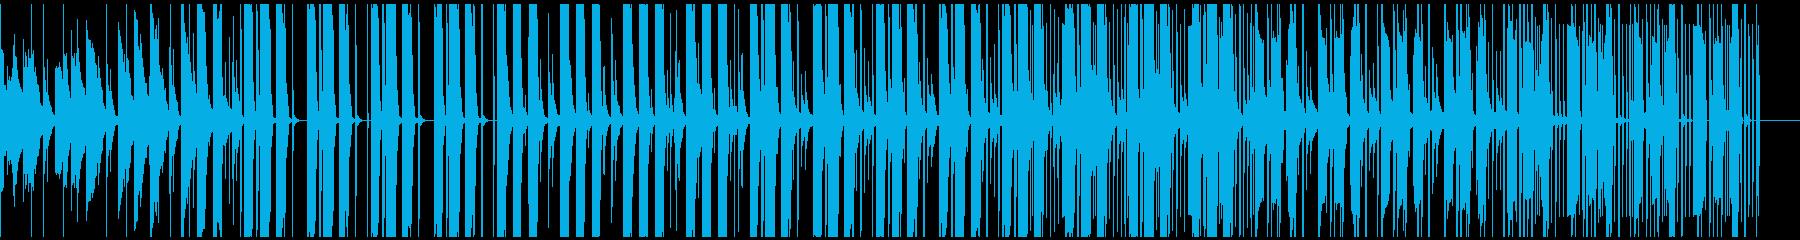 心地よいピアノとベースが特徴的なトラップの再生済みの波形